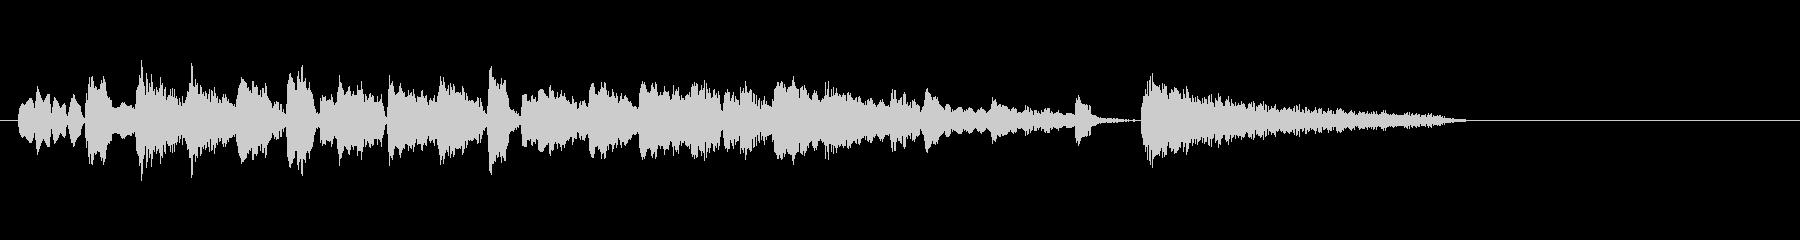 テーマ1A:バイブス、ベース、ピアノの未再生の波形